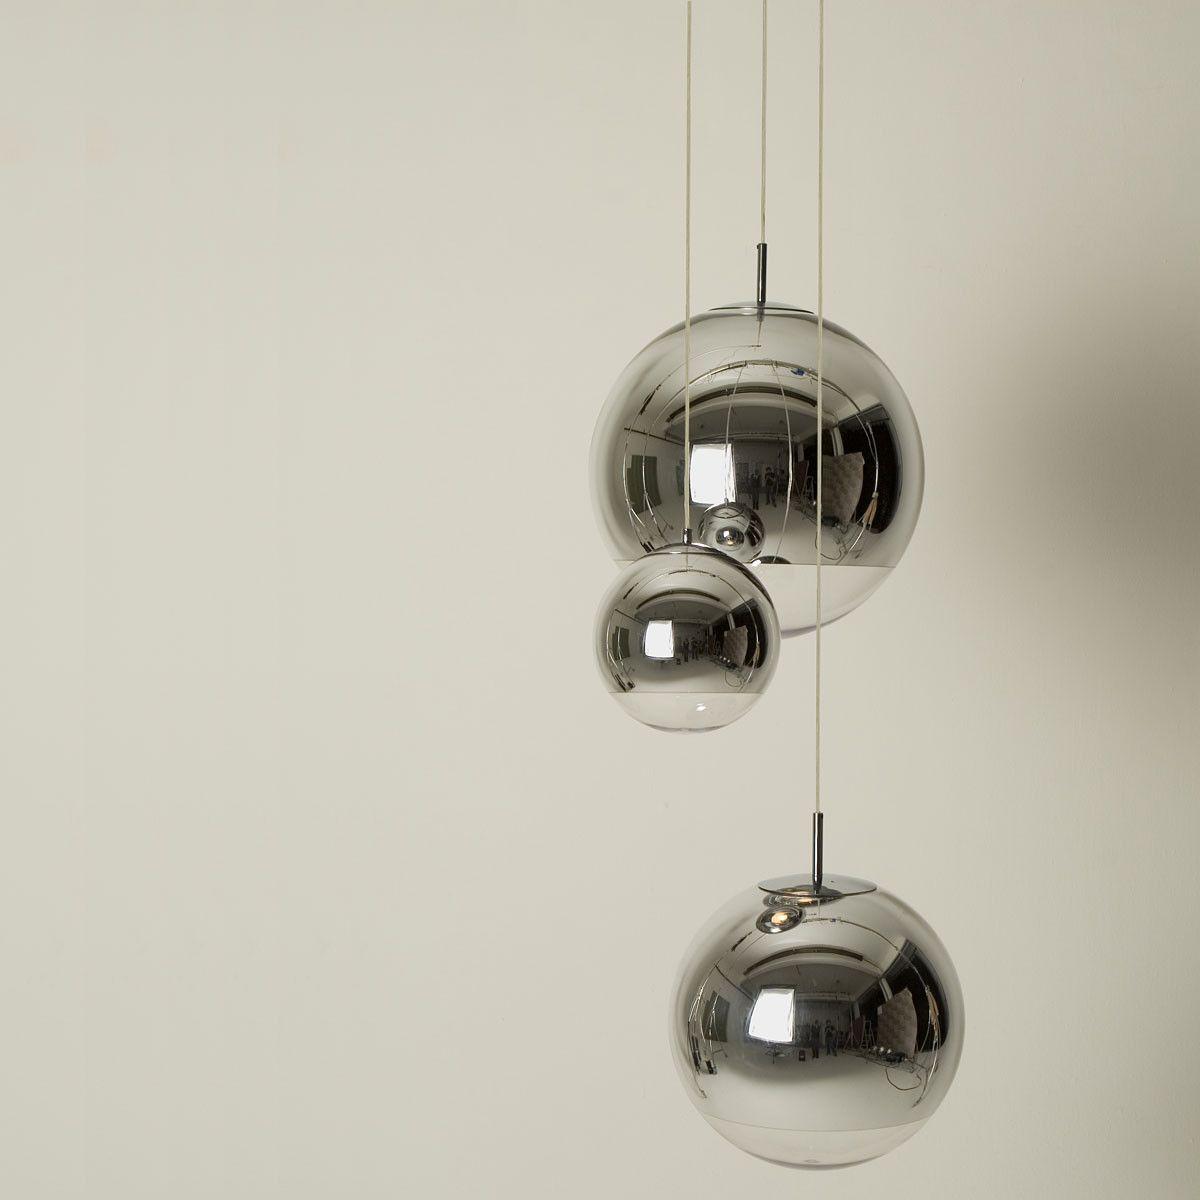 Mirror Ball Pendelleuchte Von Tom Dixon Glas Pendelleuchten Pendelleuchte Spiegelkugel